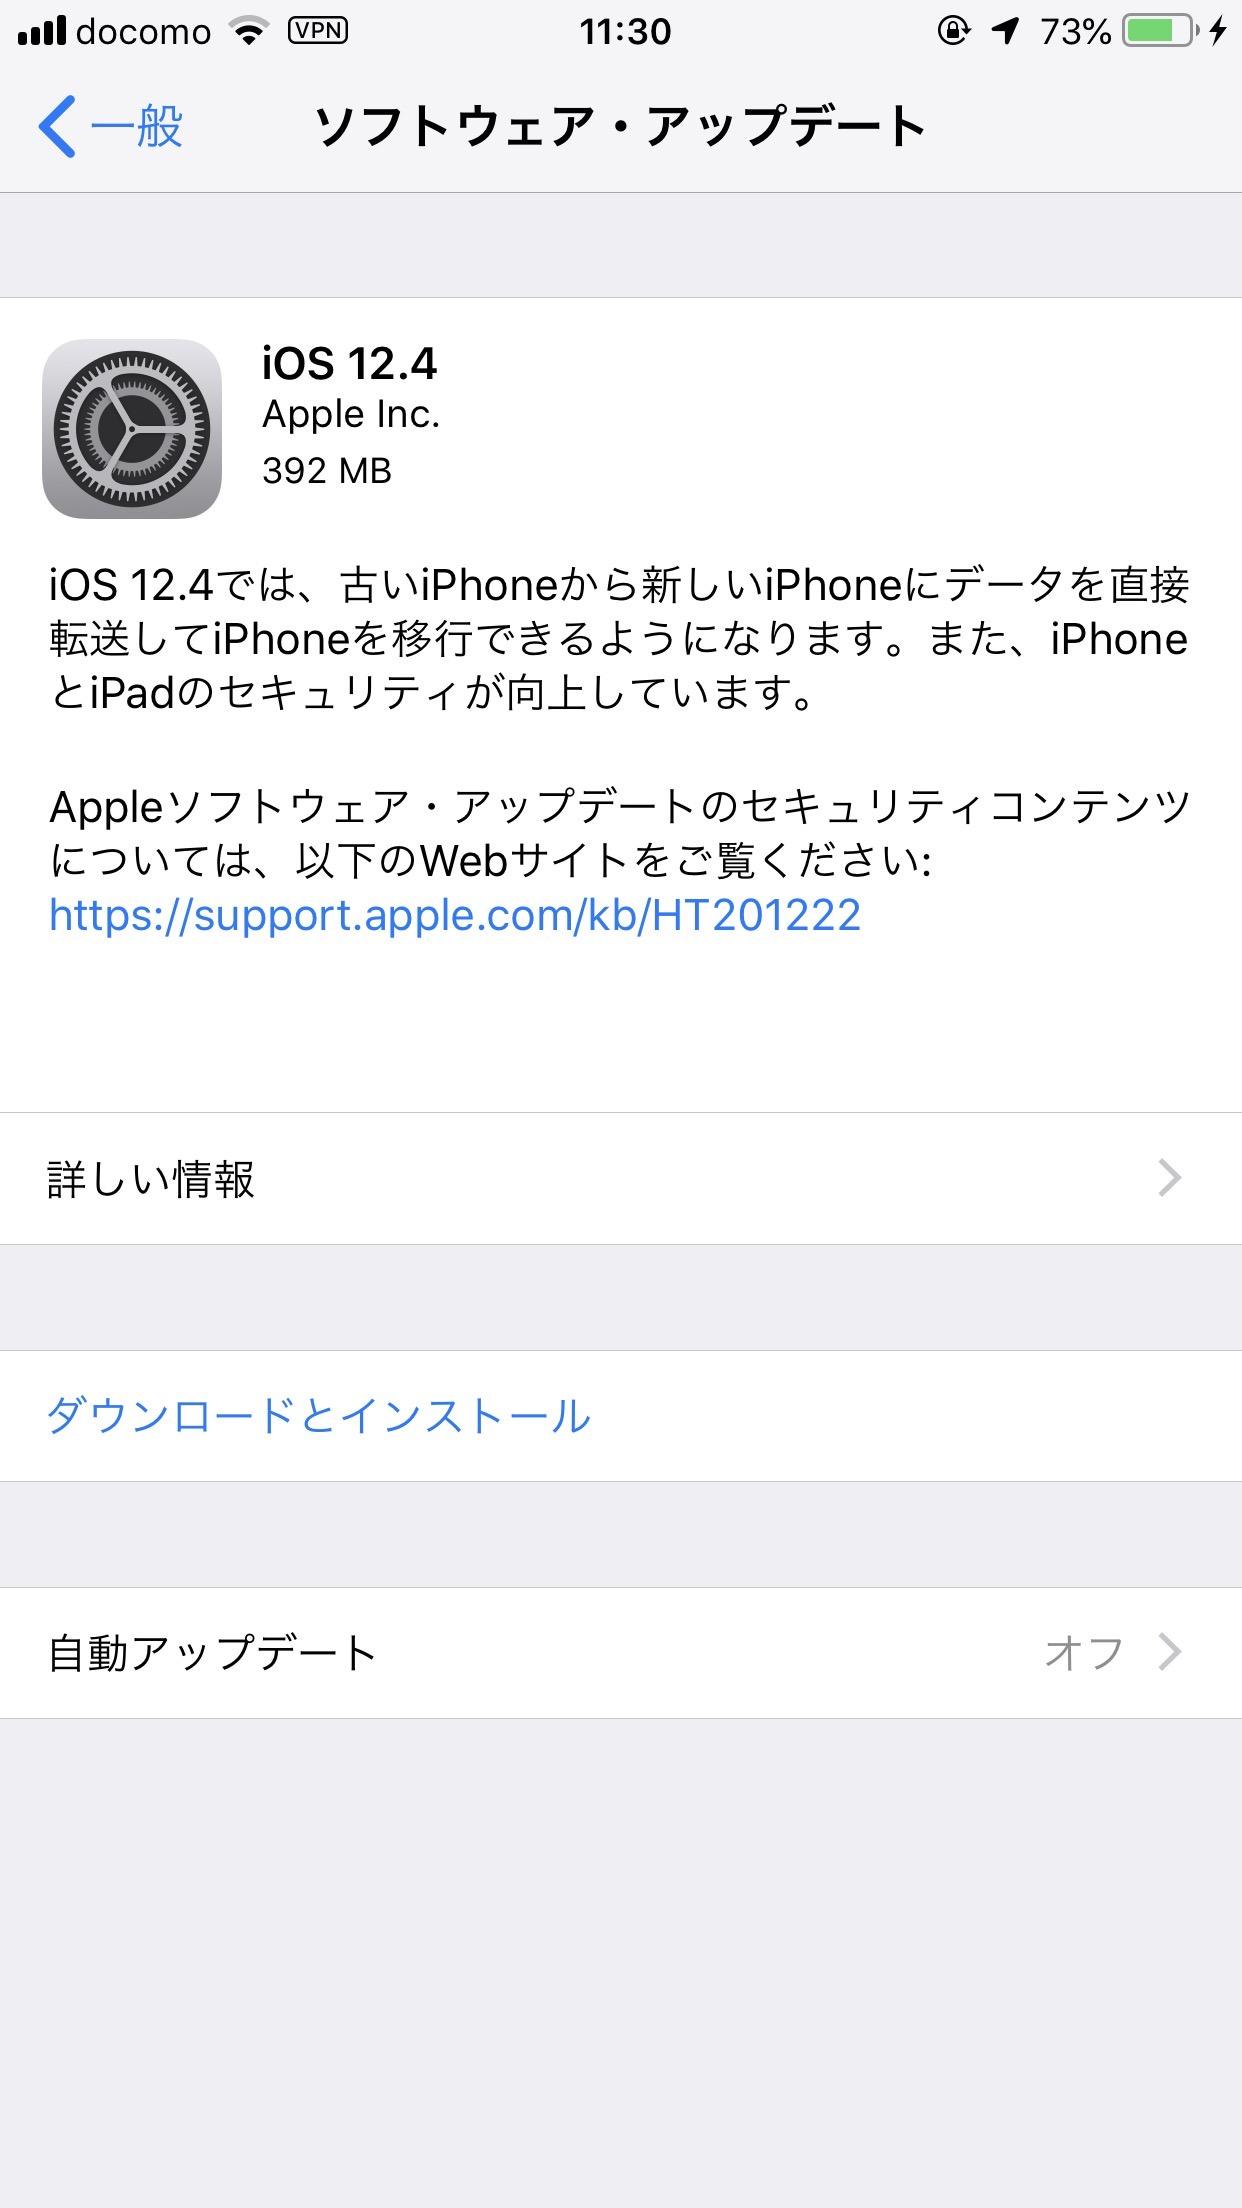 【iOS 12】古いiPhoneから新しいiPhoneにデータを直接転送して移行できる「iOS 12.4ソフトウェアアップデート」リリース